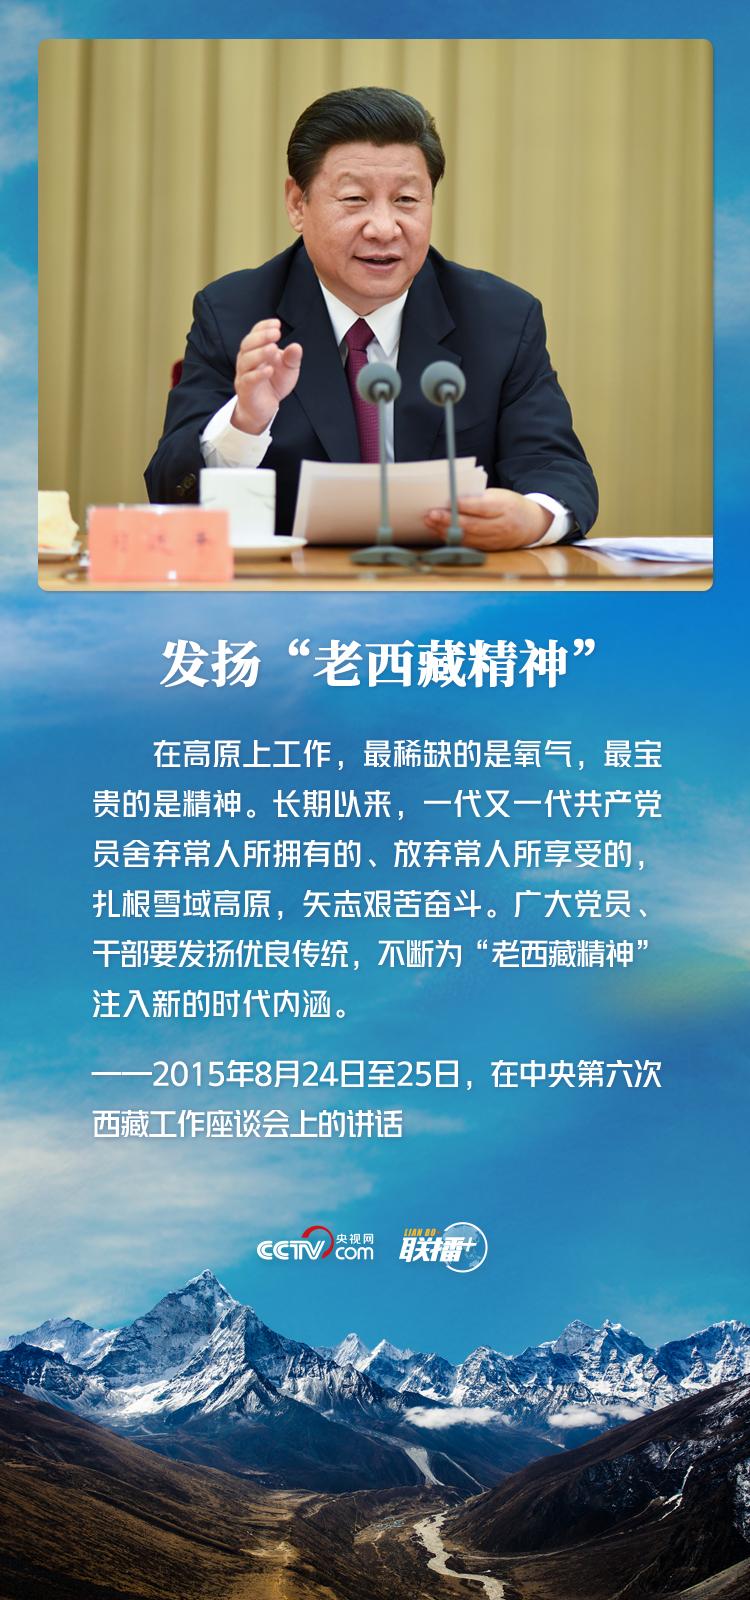 世纪官方平台:联播+|一跃跨千年 习近平心系西藏发展